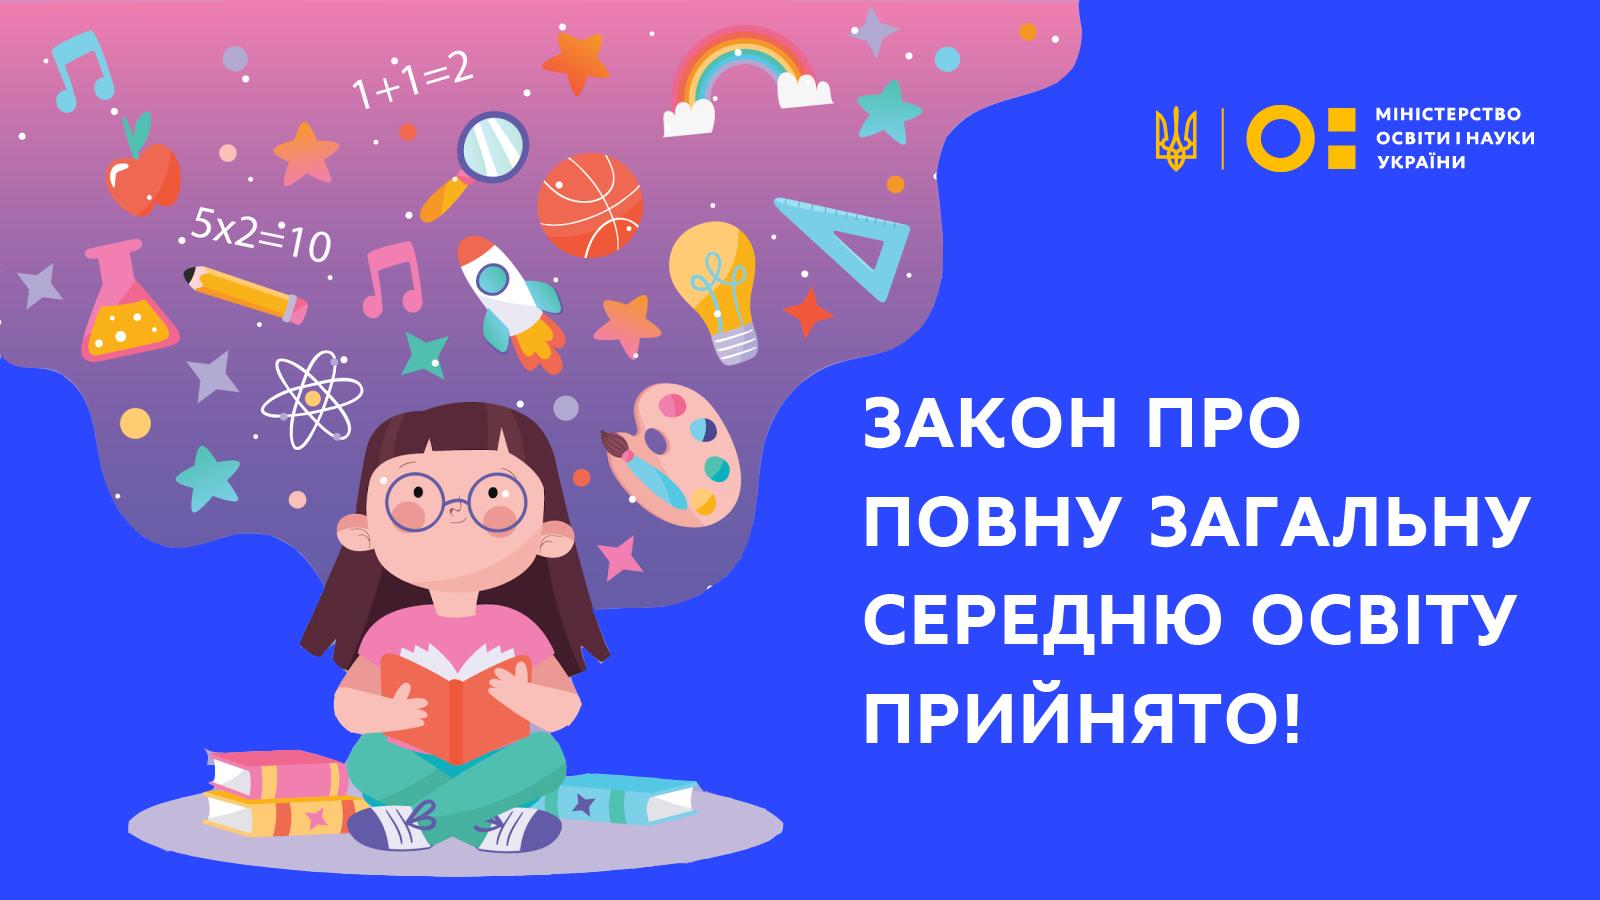 http://dunrada.gov.ua/uploadfile/archive_news/2020/01/16/2020-01-16_7448/images/images-15445.png